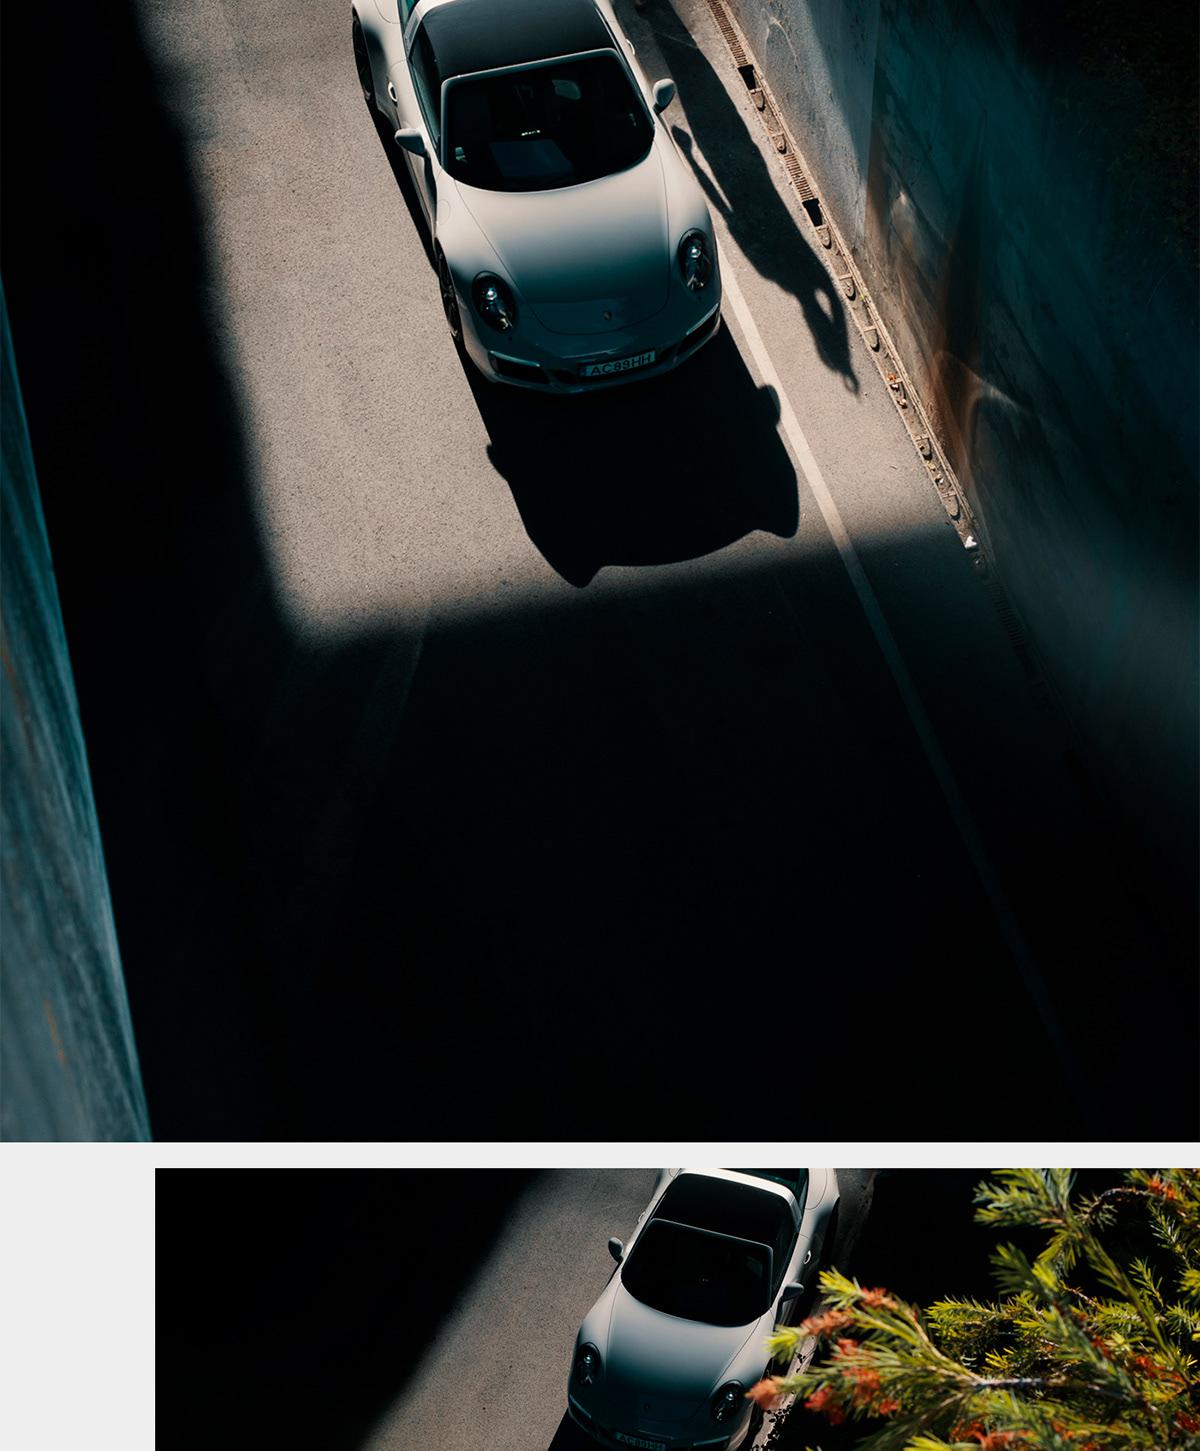 Image may contain: car and screenshot